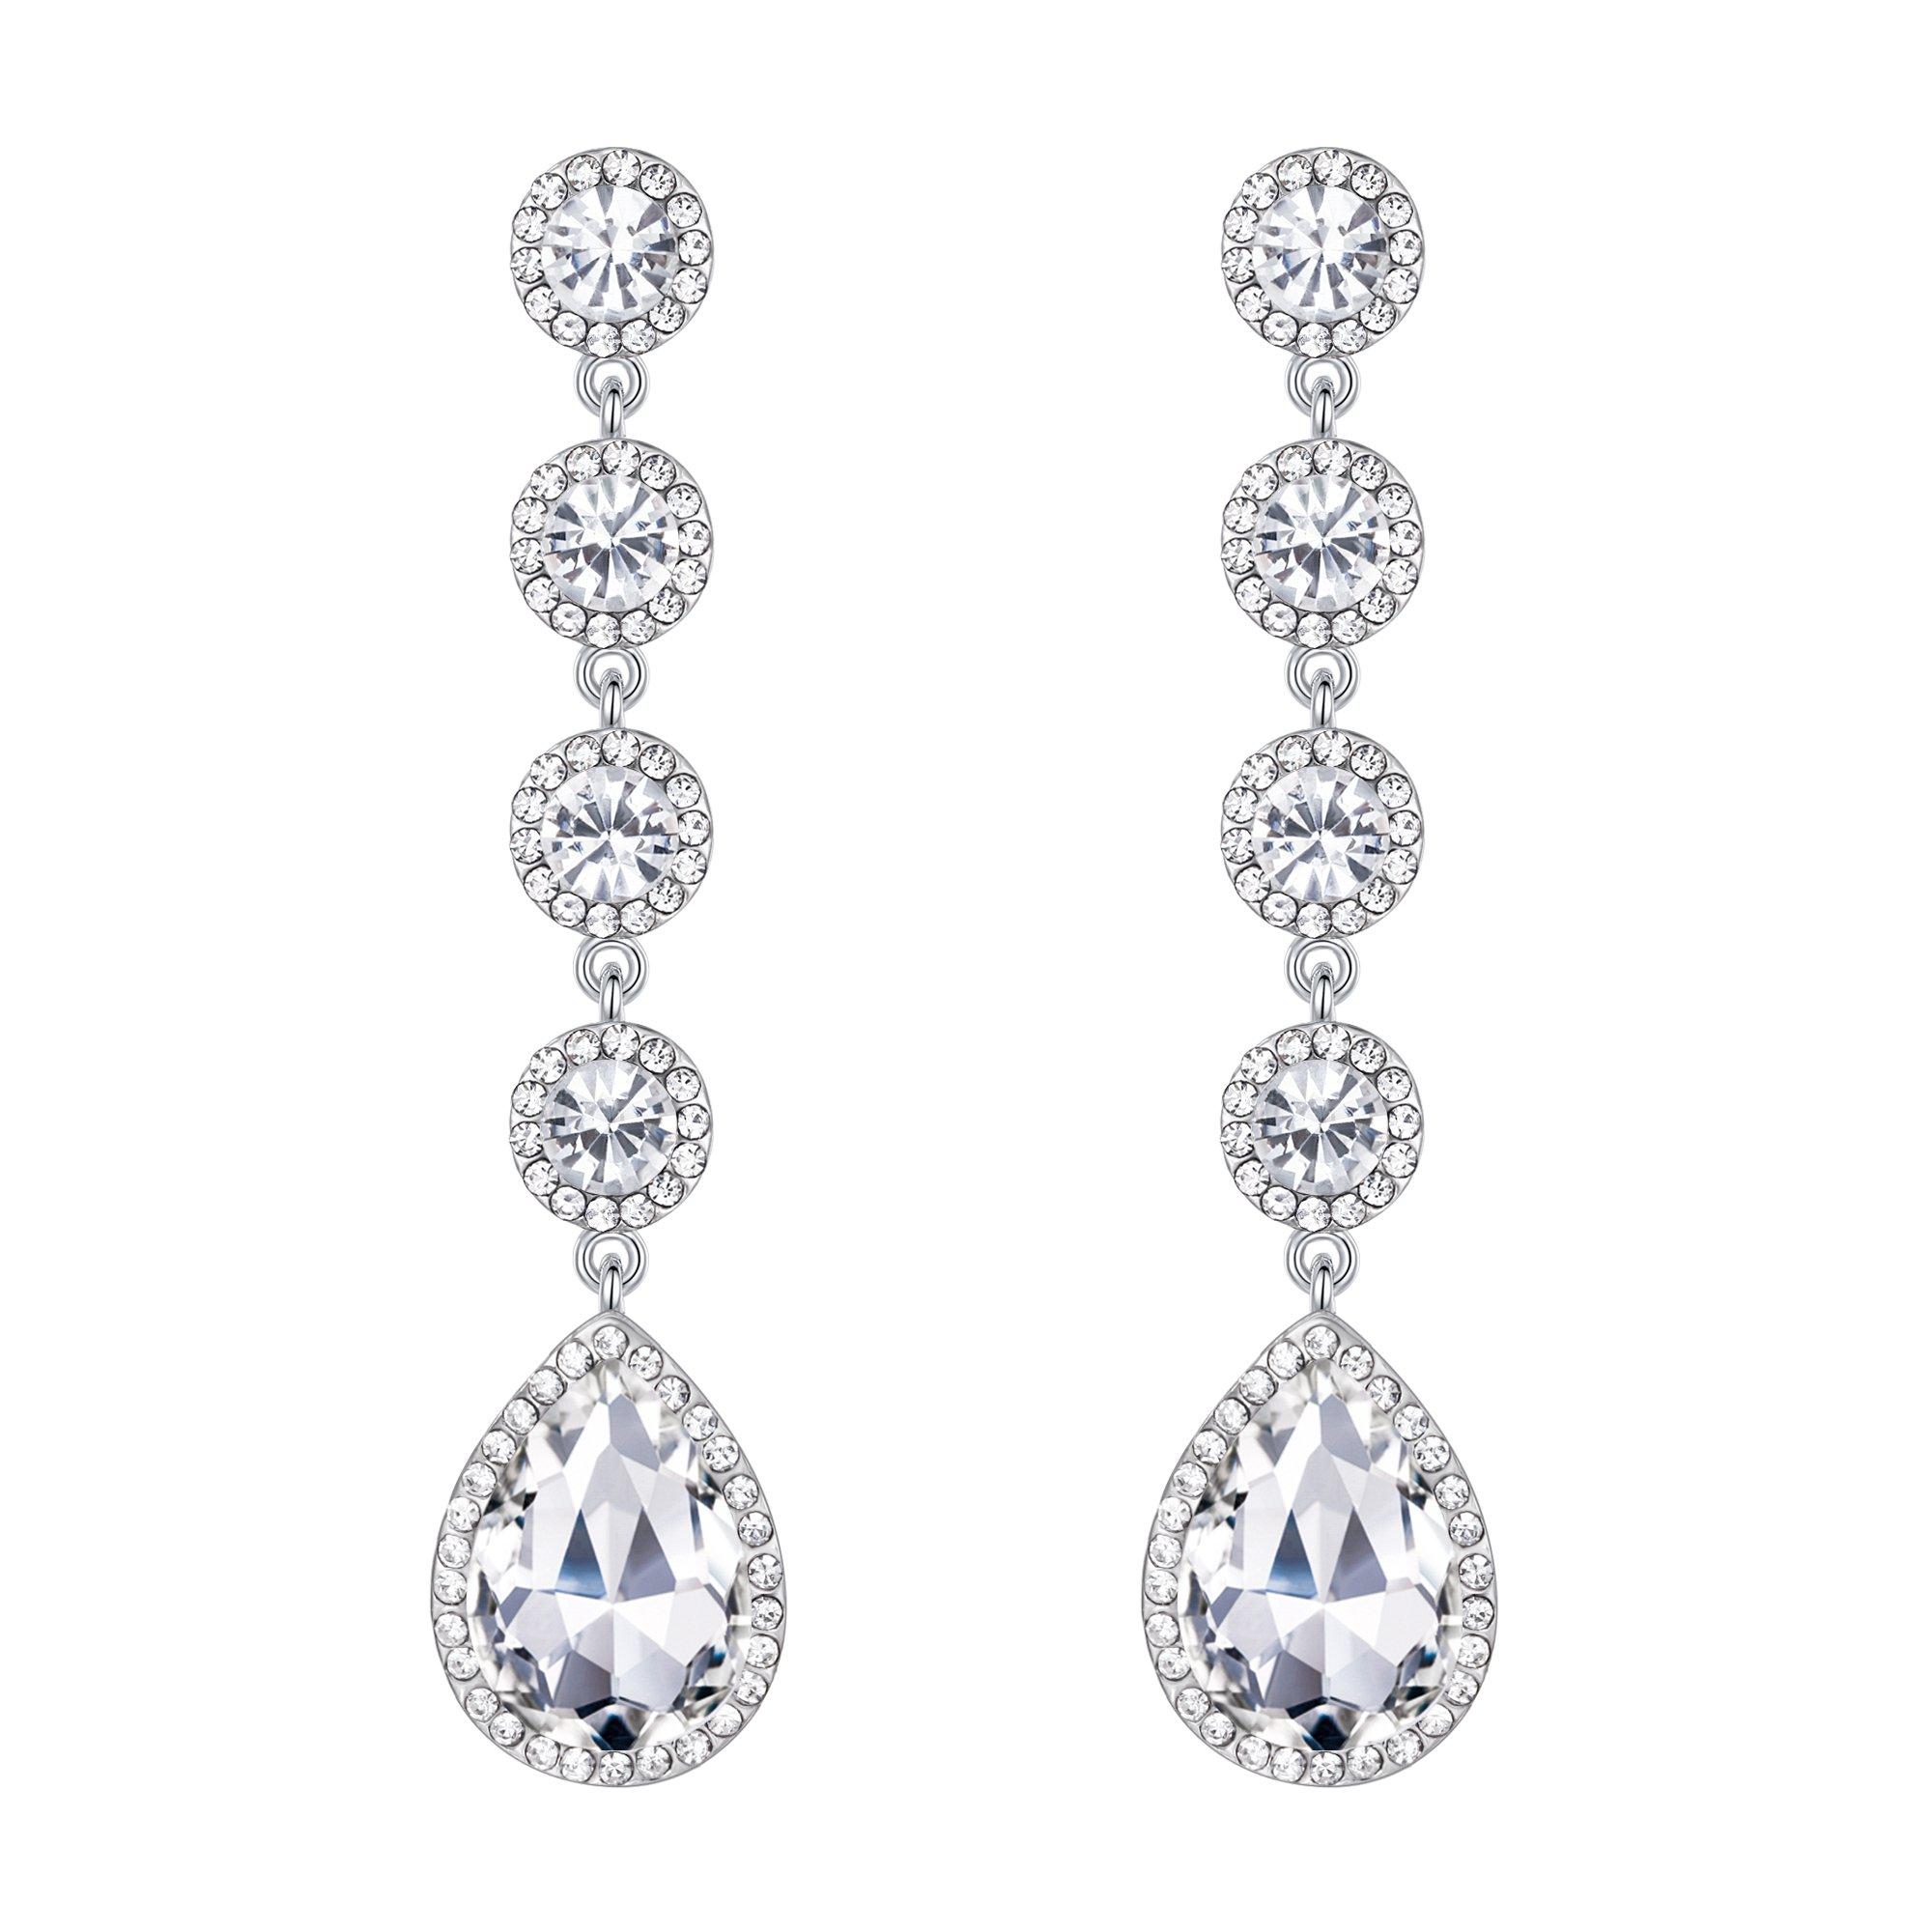 BriLove Women's Wedding Bridal Dangle Earrings Elegant Crystal Teardrop Chandelier Earrings Clear Silver-Tone